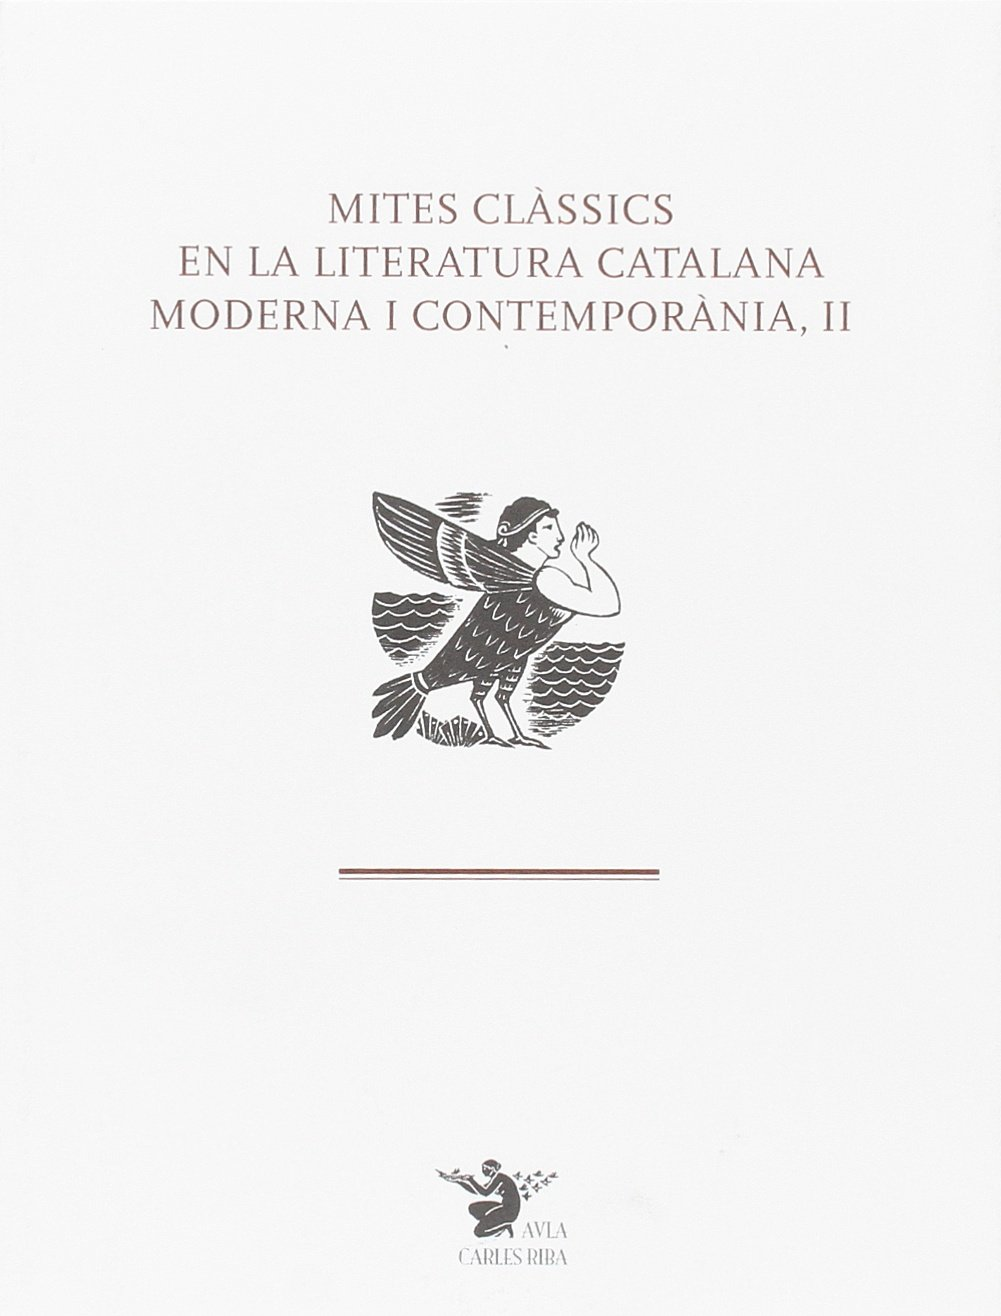 Mites clàssics en la literatura catalana moderna i contemporània AULA CARLES RIBA: Amazon.es: Aa.Vv.: Libros